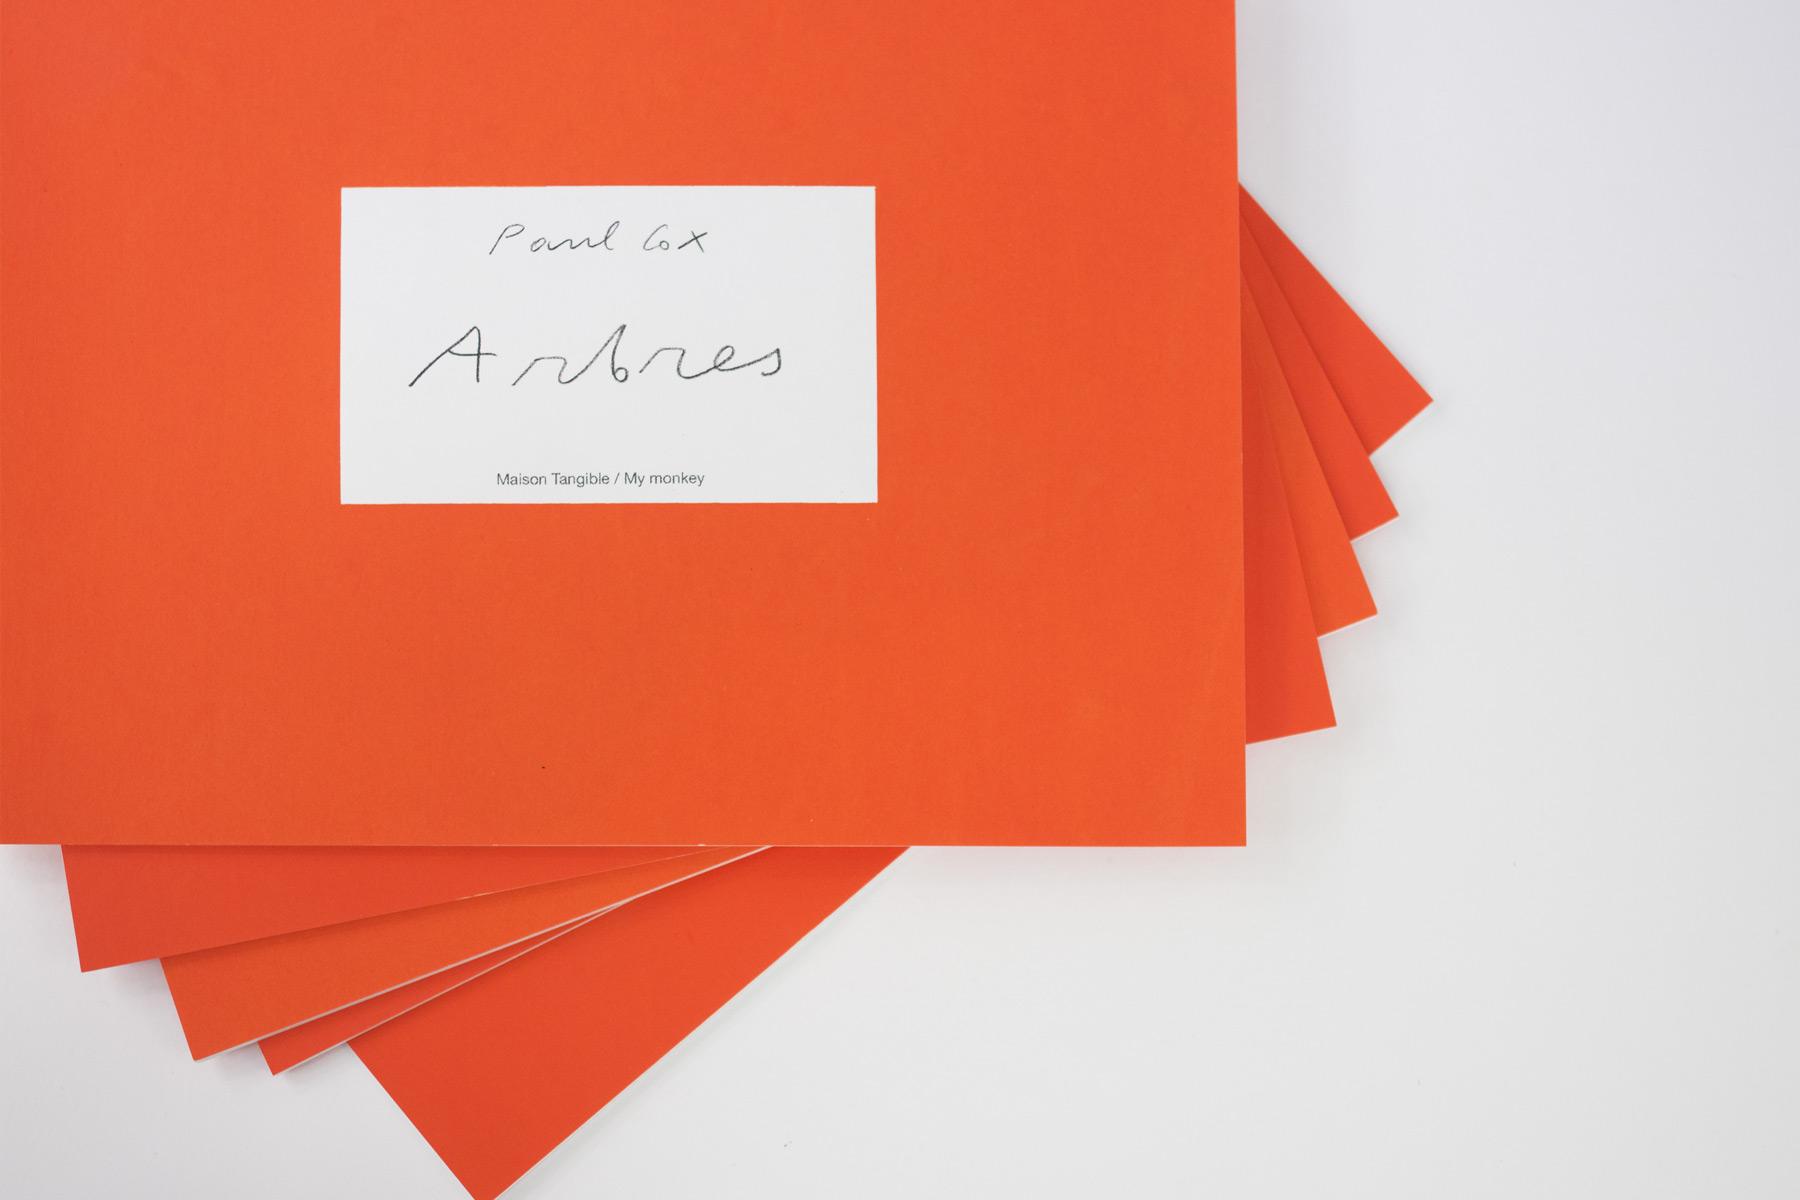 Maison-Tangible-Manufacture-images-objets-Besancon-Produits_PaulCox_Edition_Arbres_03.jpg